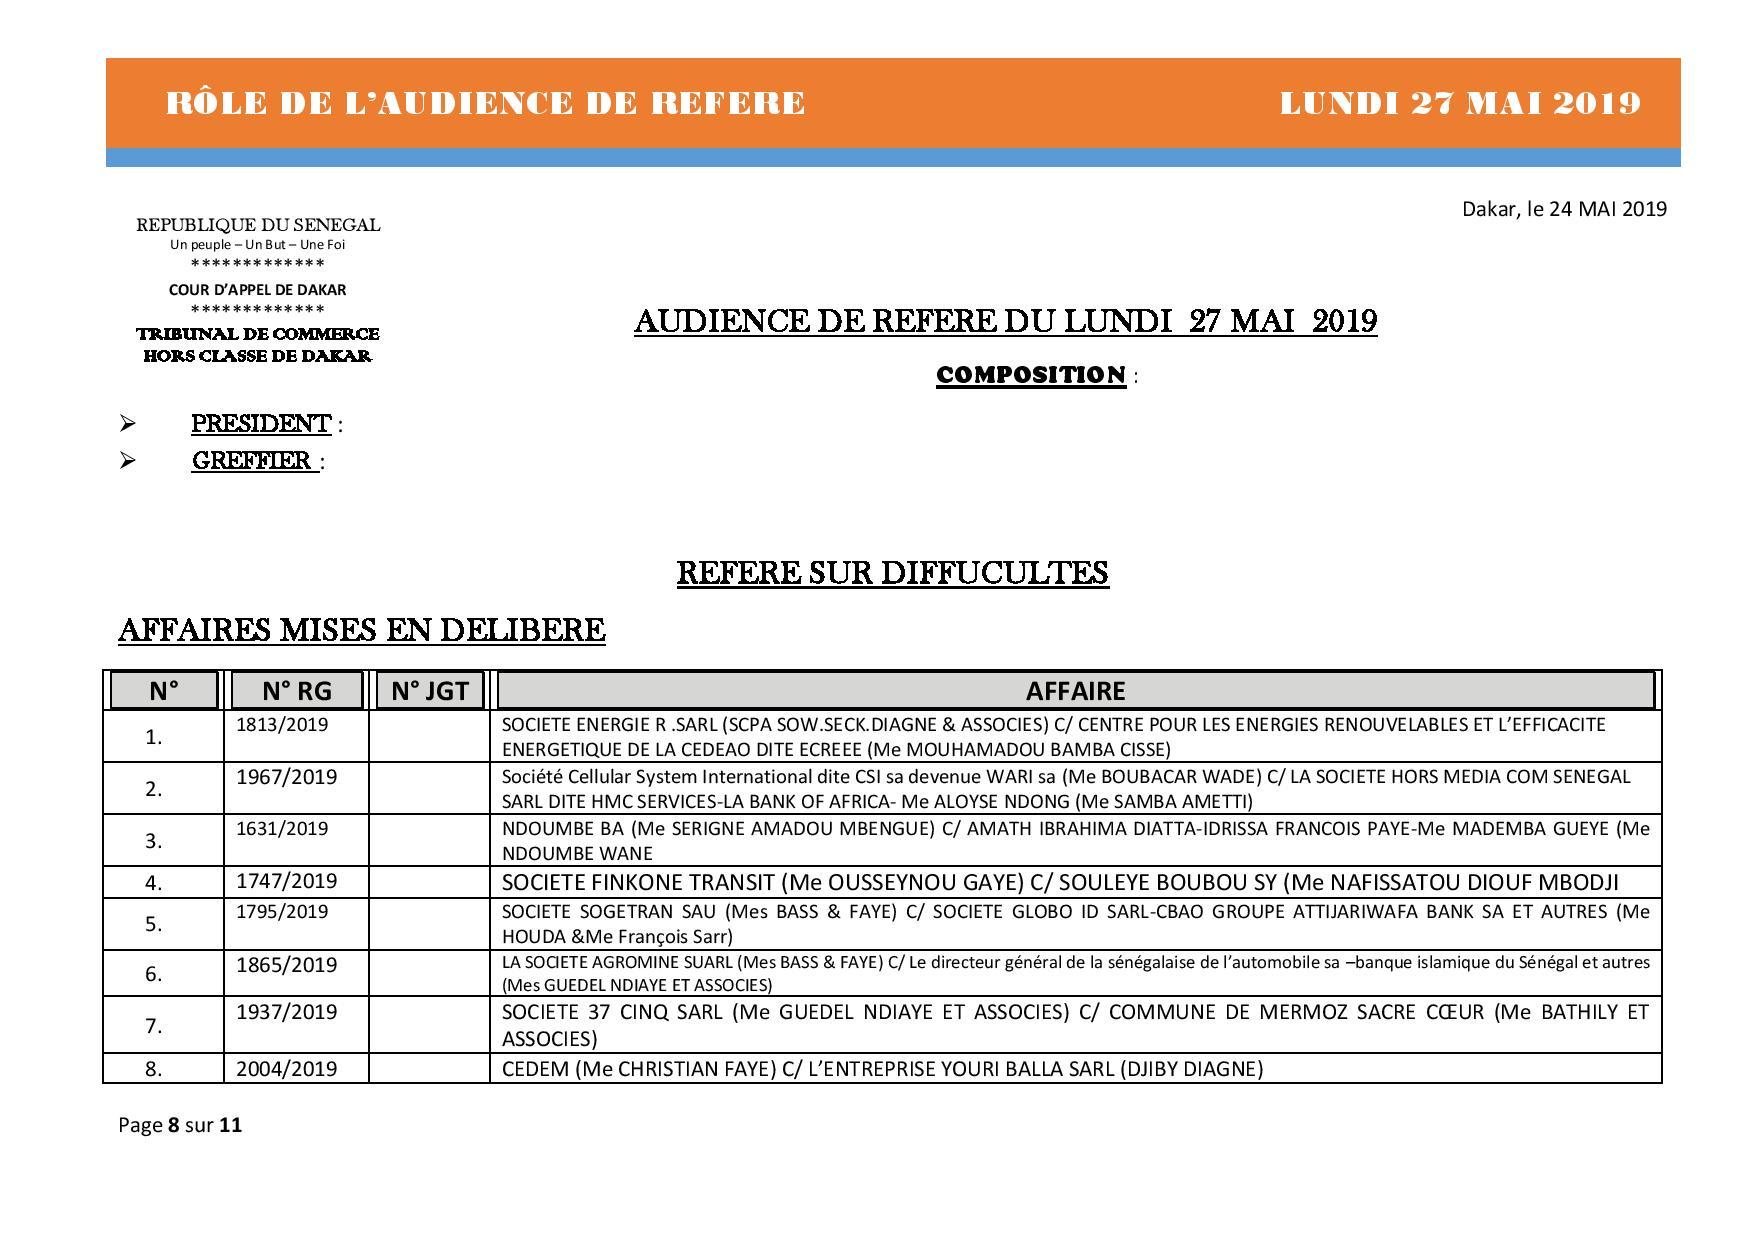 Rôle de l'audience de référé de ce lundi 27 mai 2019